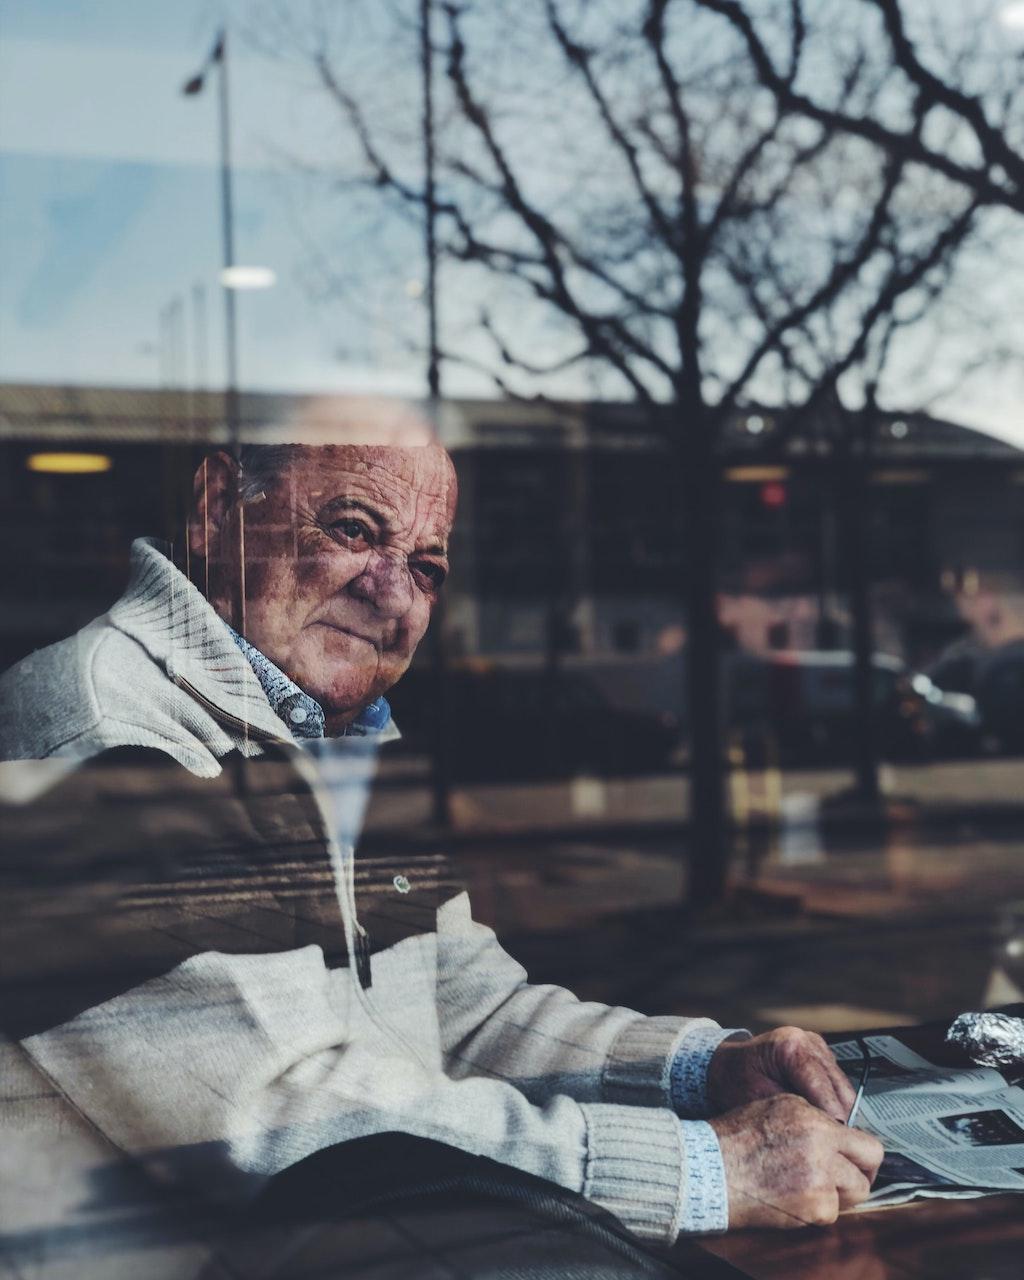 Ein alter Mann blickt nachdenklich durch die Scheibe eines Cafés: Was schützt vor Reue?